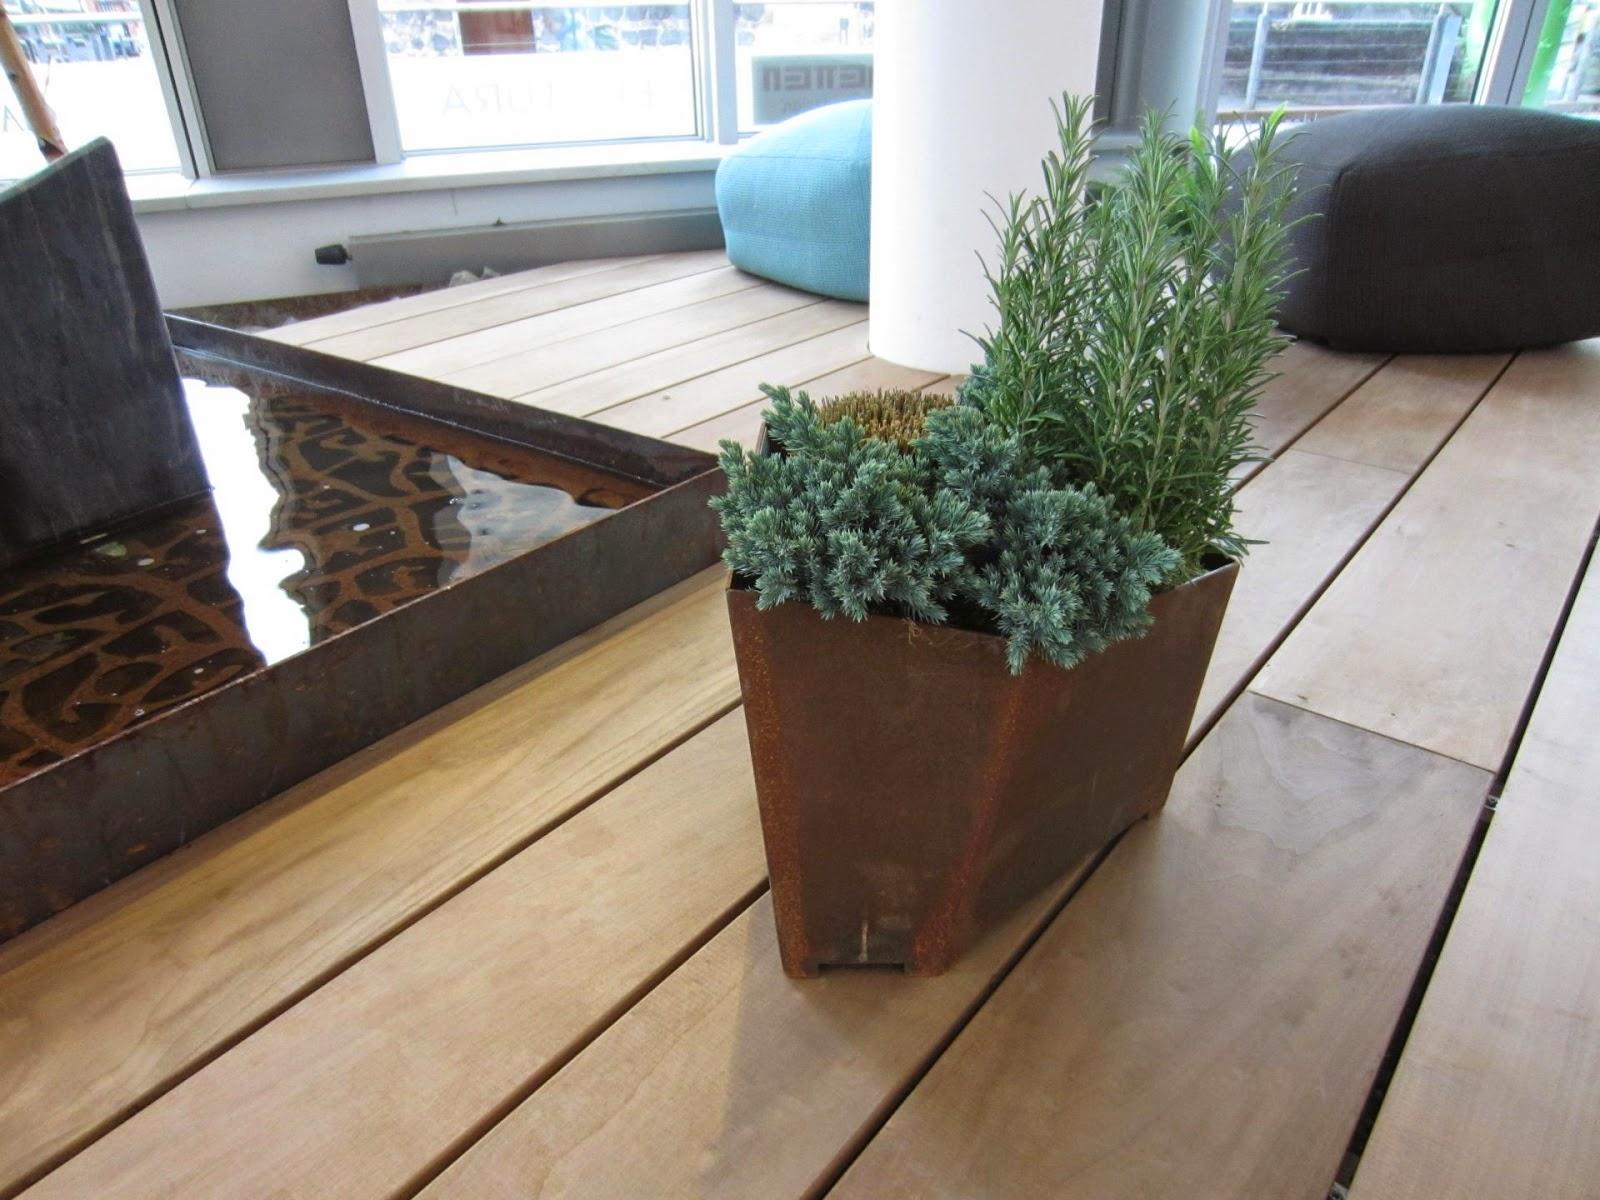 hilti hat center in k ln er ffnet fr bel metallbau. Black Bedroom Furniture Sets. Home Design Ideas